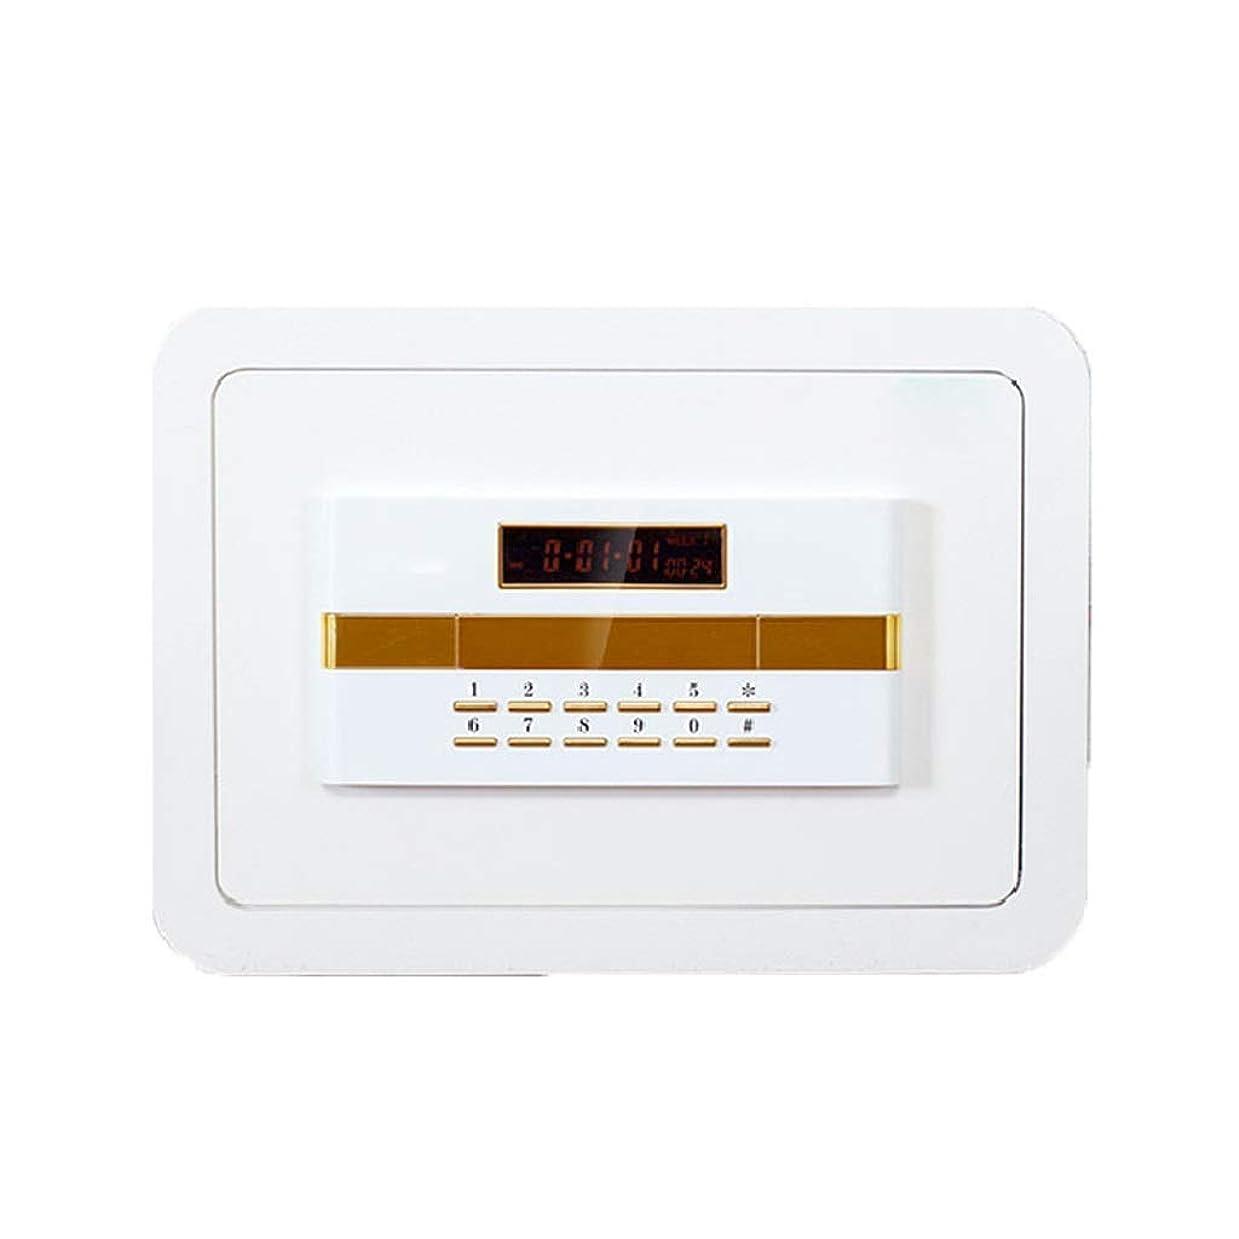 スチール自動スイ家庭用金庫小型セキュリティデジタル電子高セキュリティ家庭用金庫金庫金庫カラー350 * 250 * 250mm金庫